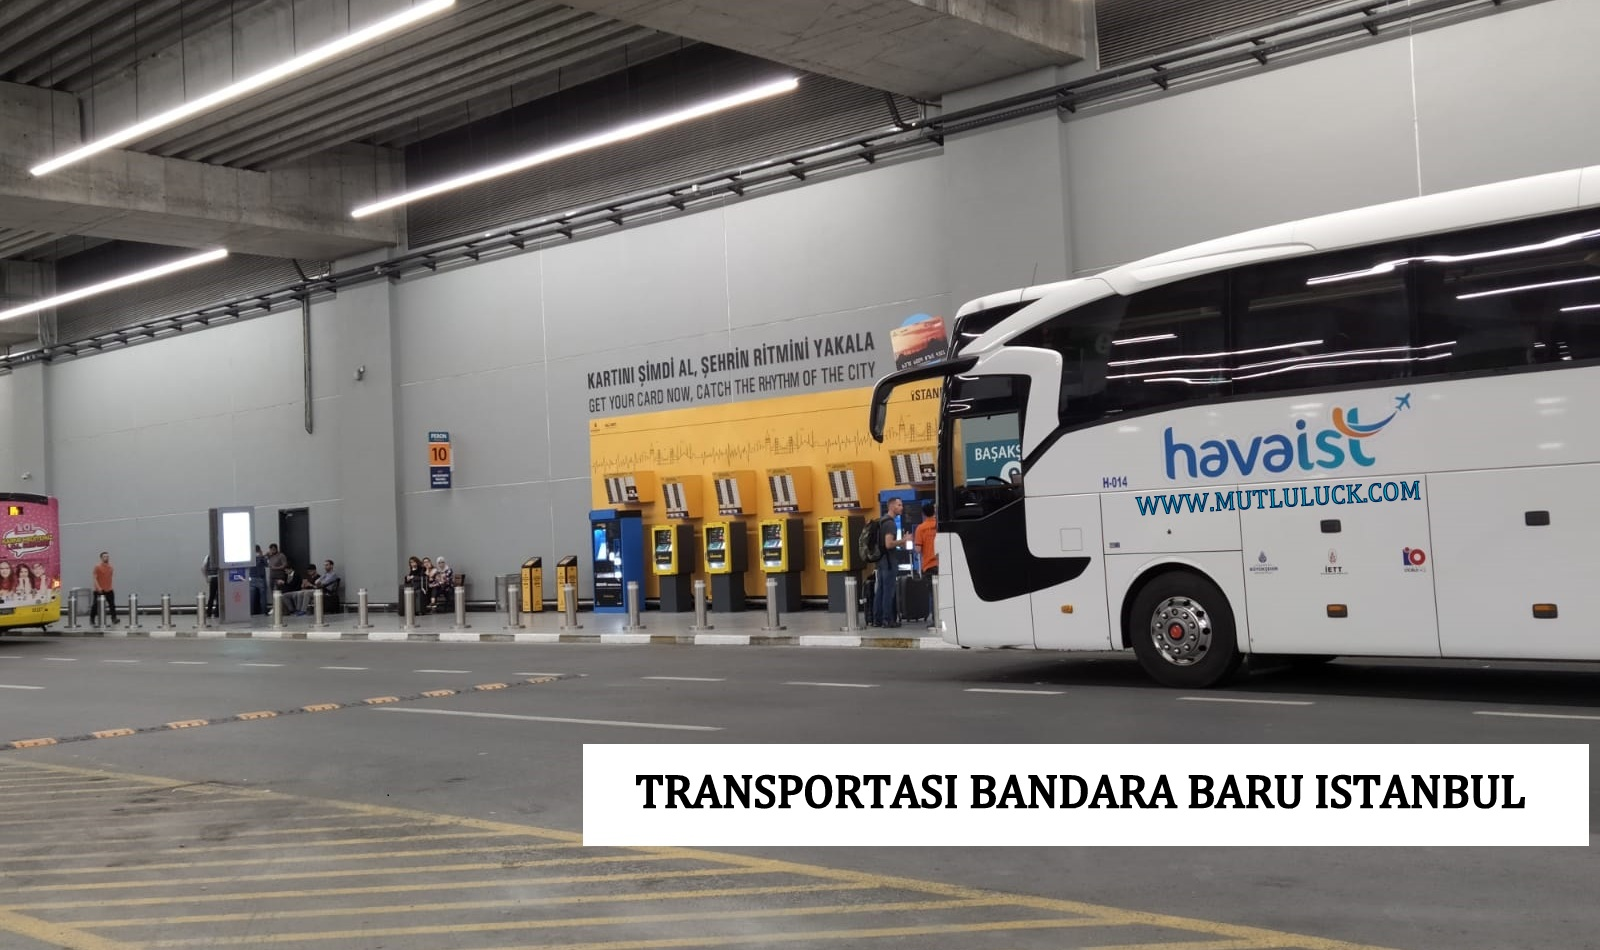 TRANSPORTASI DARI DAN KE BANDARA BARU ISTANBUL (ISTANBUL NEW AIRPORT)